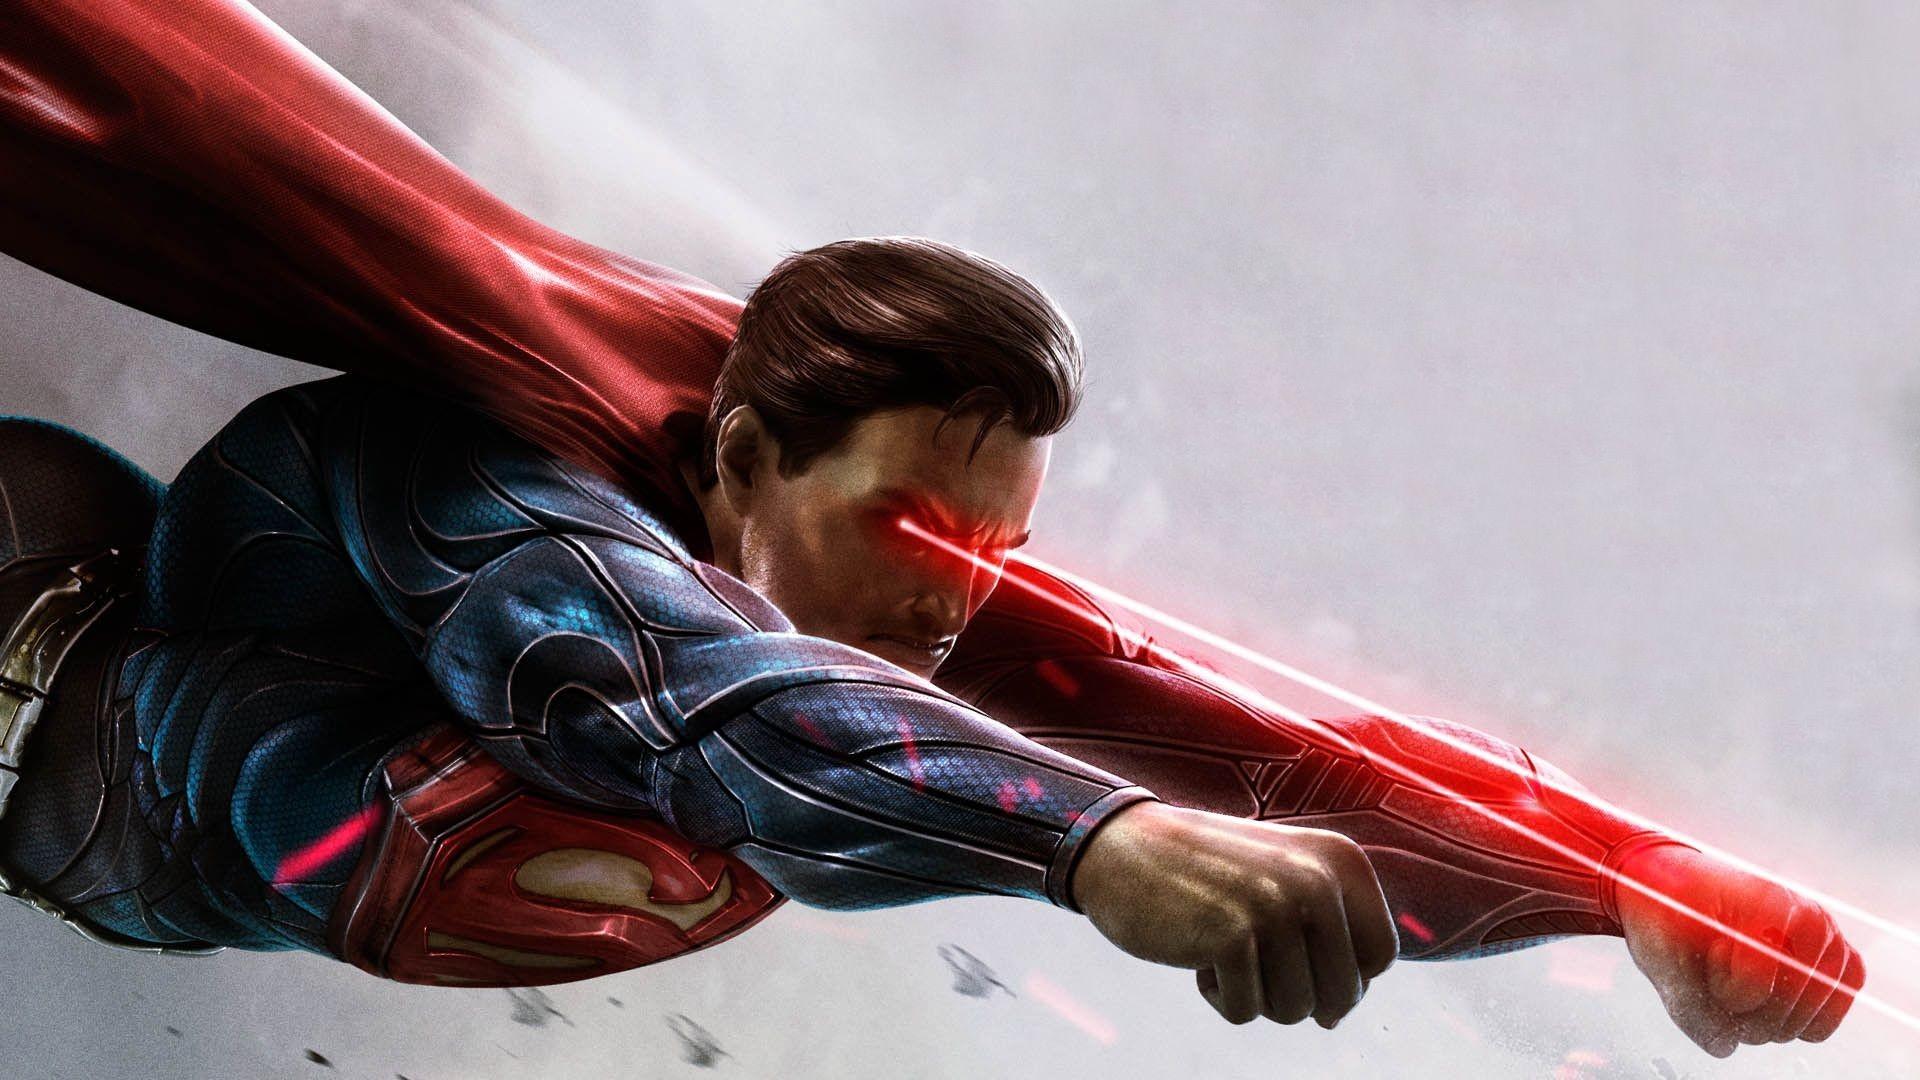 Superman-Eyes-HD-Wallpapers.jpg